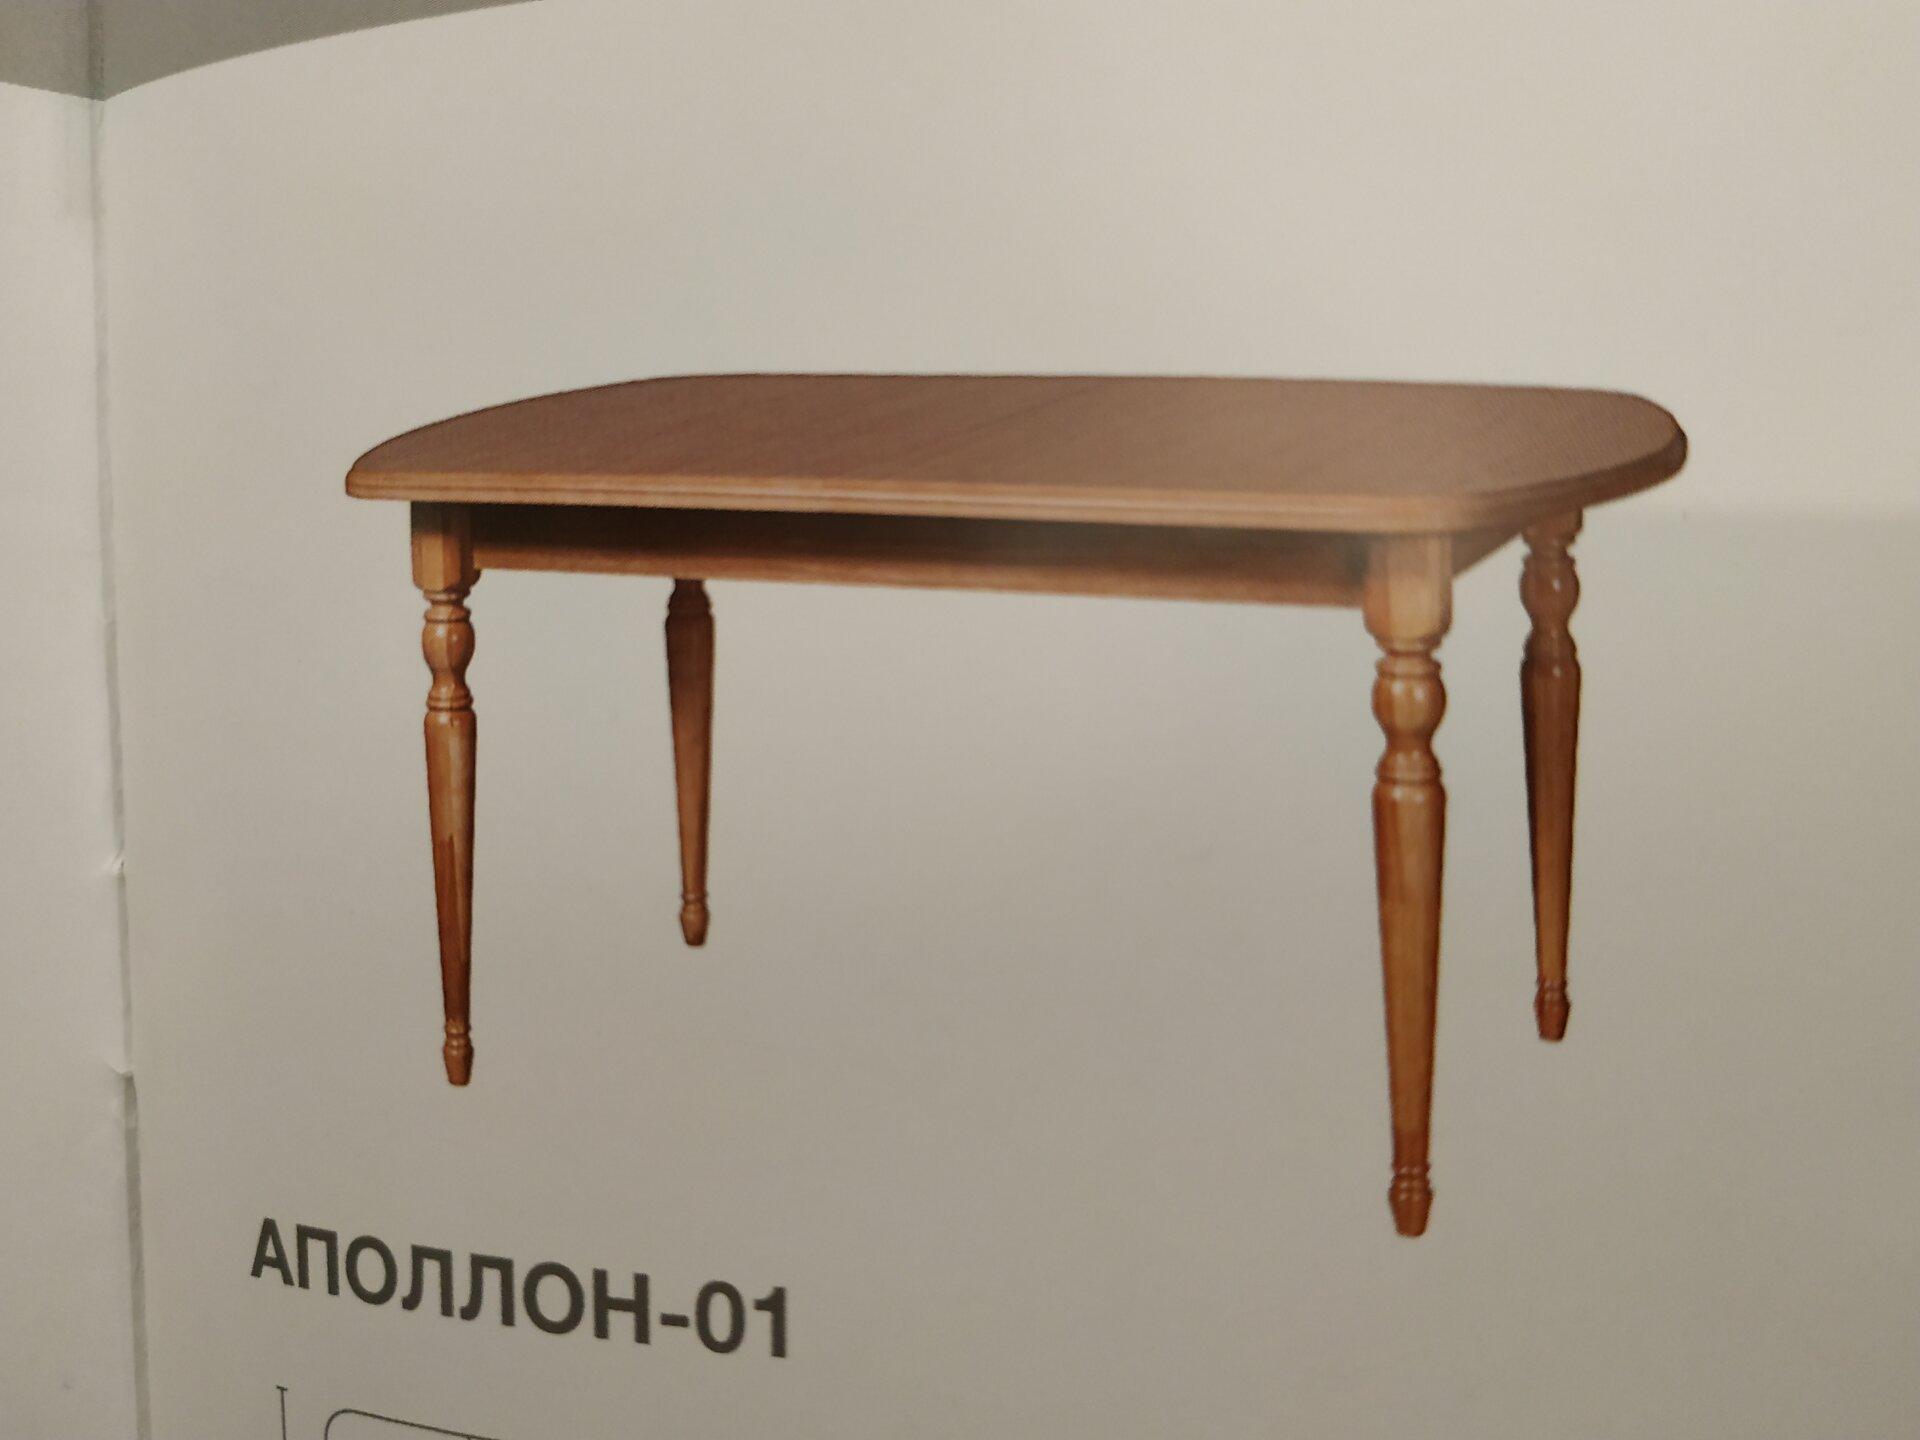 Стол кухонный, Аполлон-01 орех, деревянный, раздвижной (95*152/192 см) - фото pic_b633ad6d3d5a5c6c16eb8a66fbd2b481_1920x9000_1.jpg